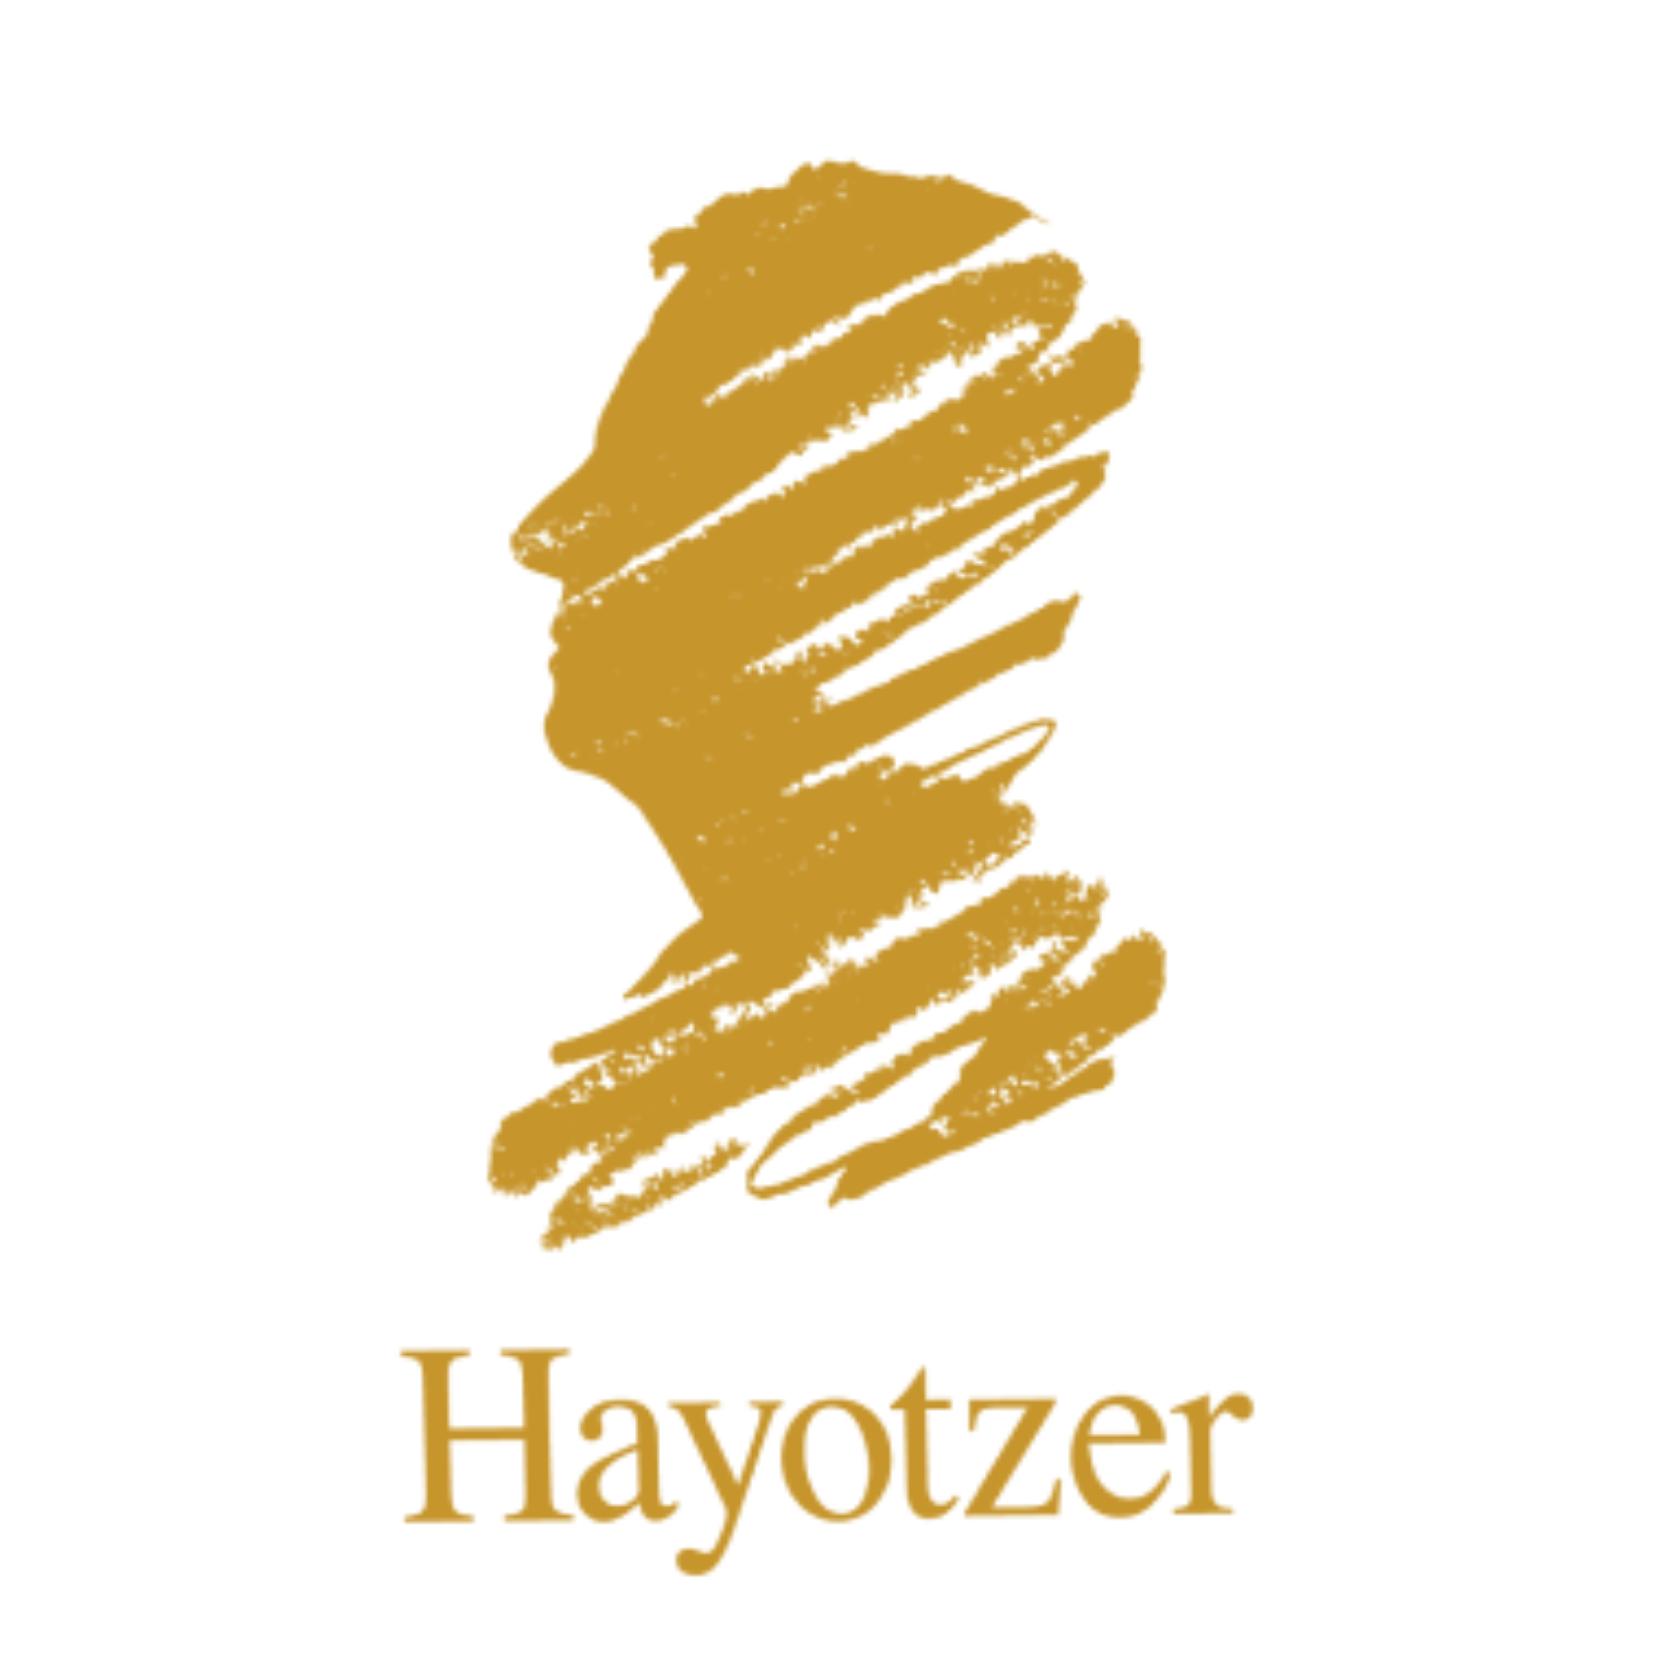 HAYOTZER